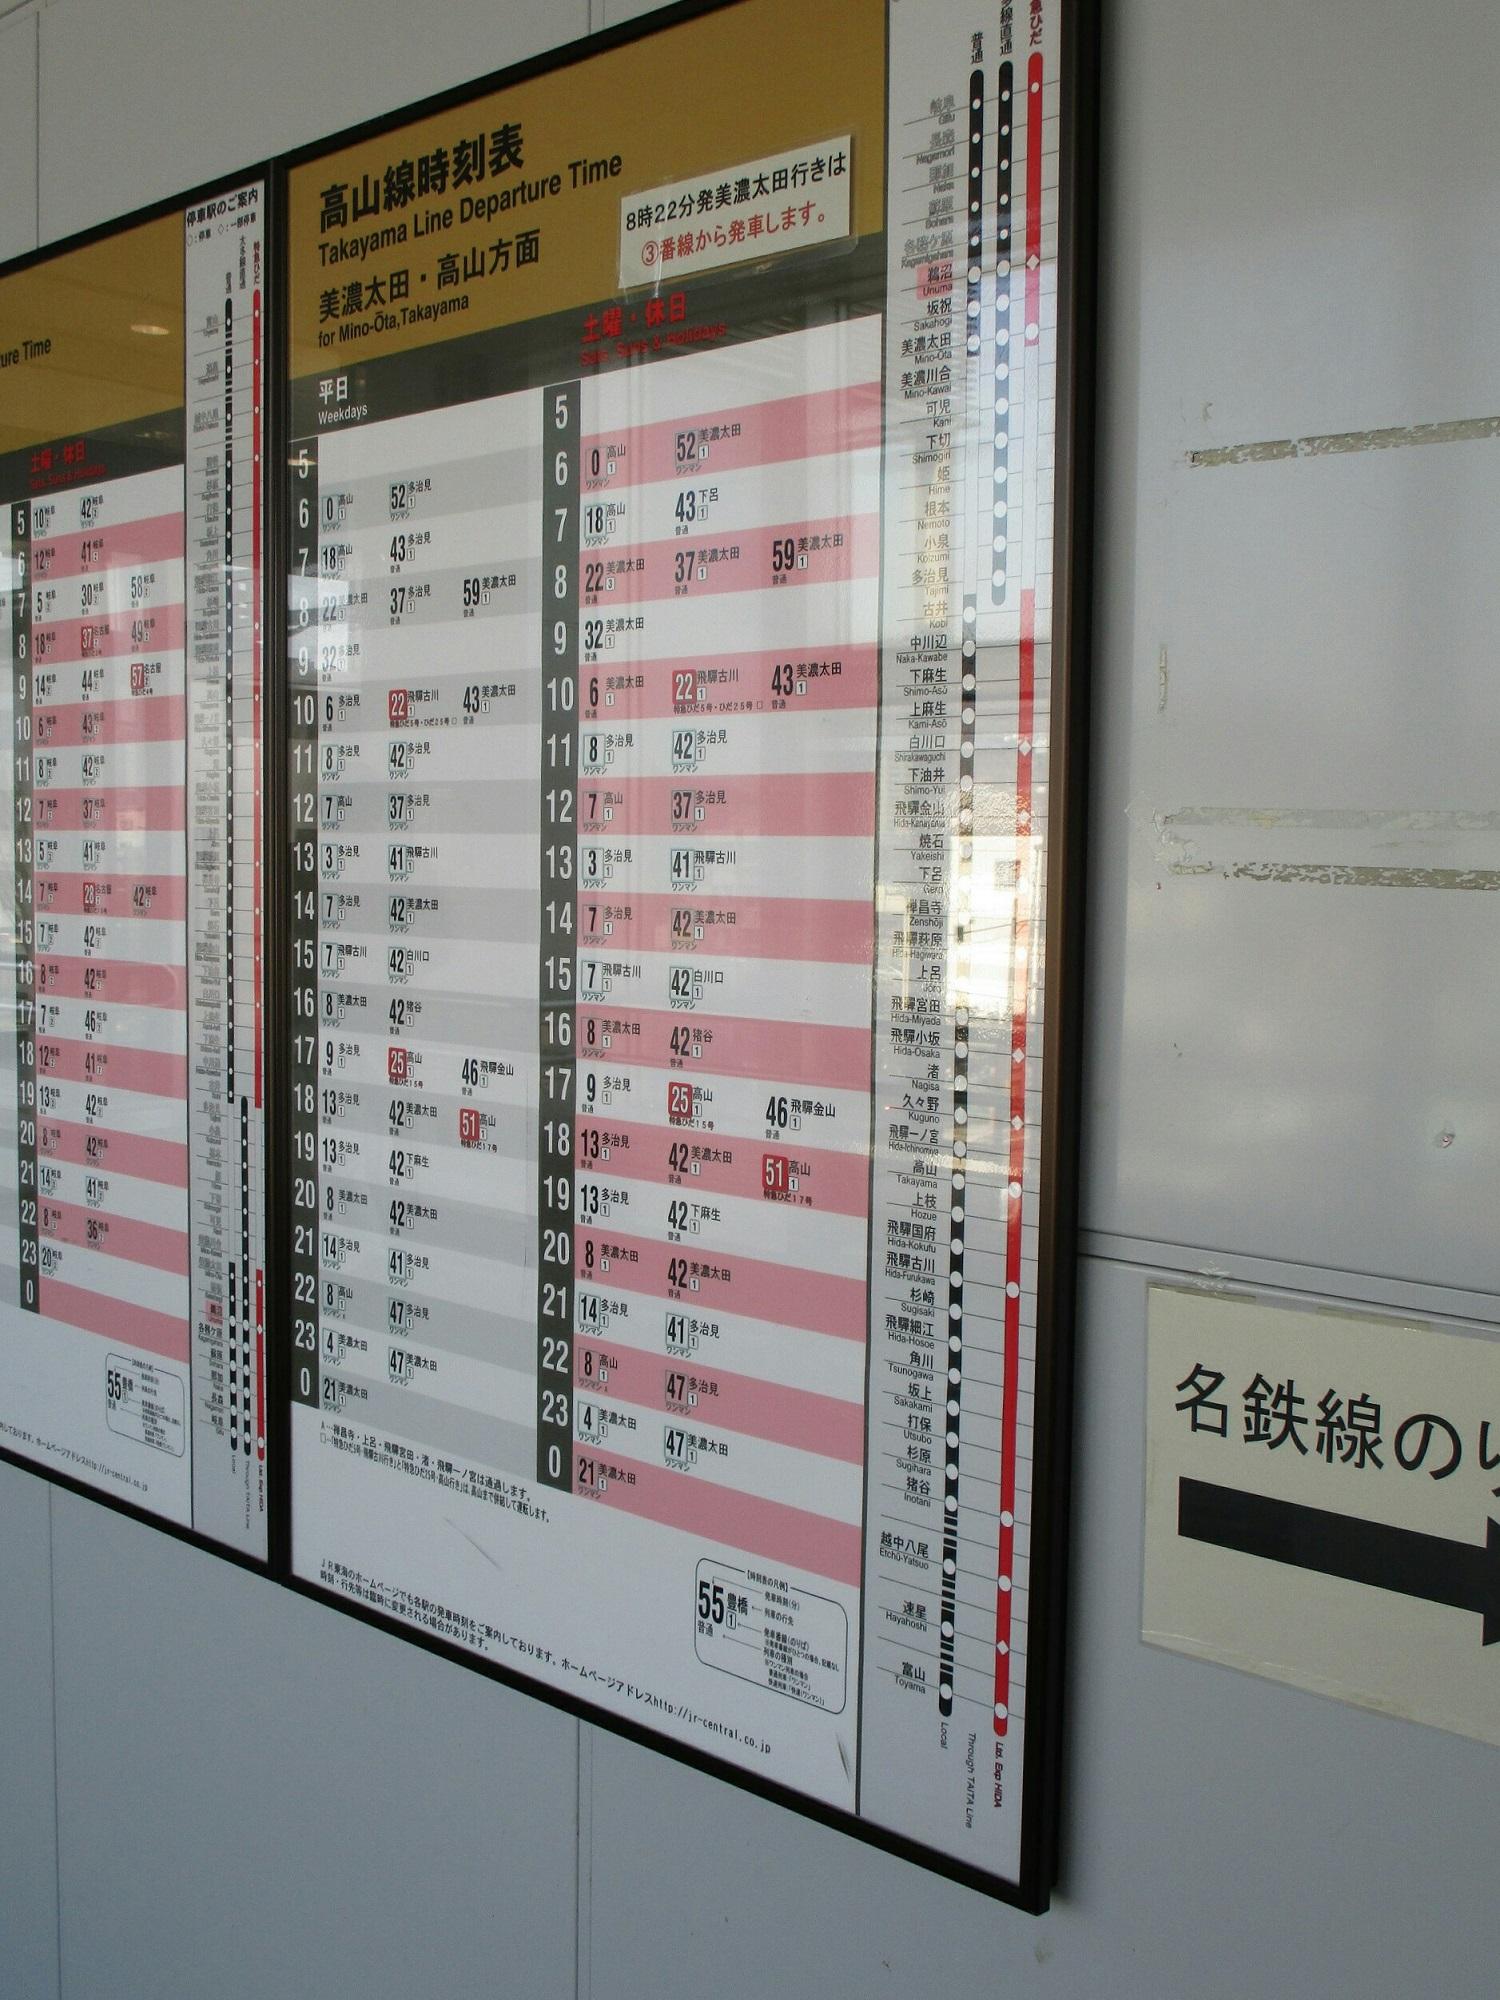 2019.4.4 (10) 鵜沼 - 高山方面時刻表 1500-2000